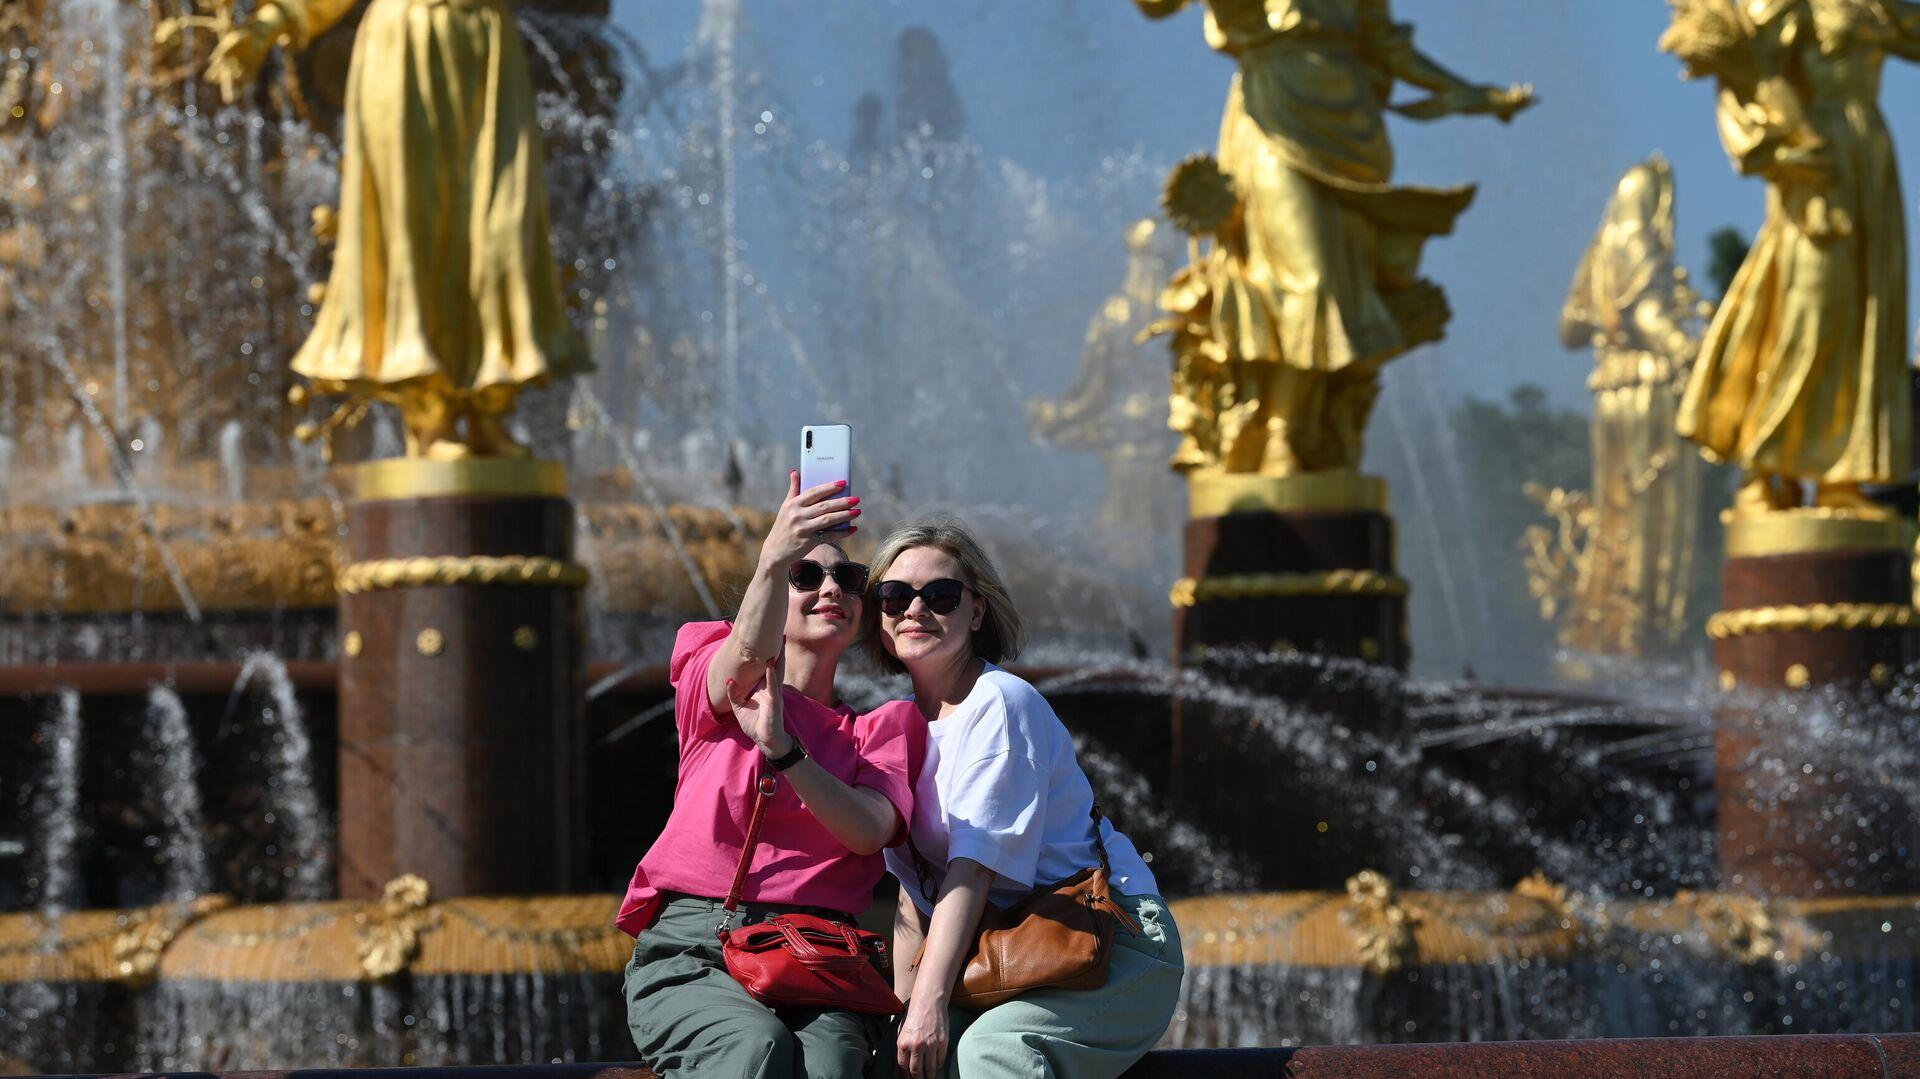 Девушки отдыхают в жаркую погоду у фонтана Дружба народов на ВДНХ - РИА Новости, 1920, 23.06.2021